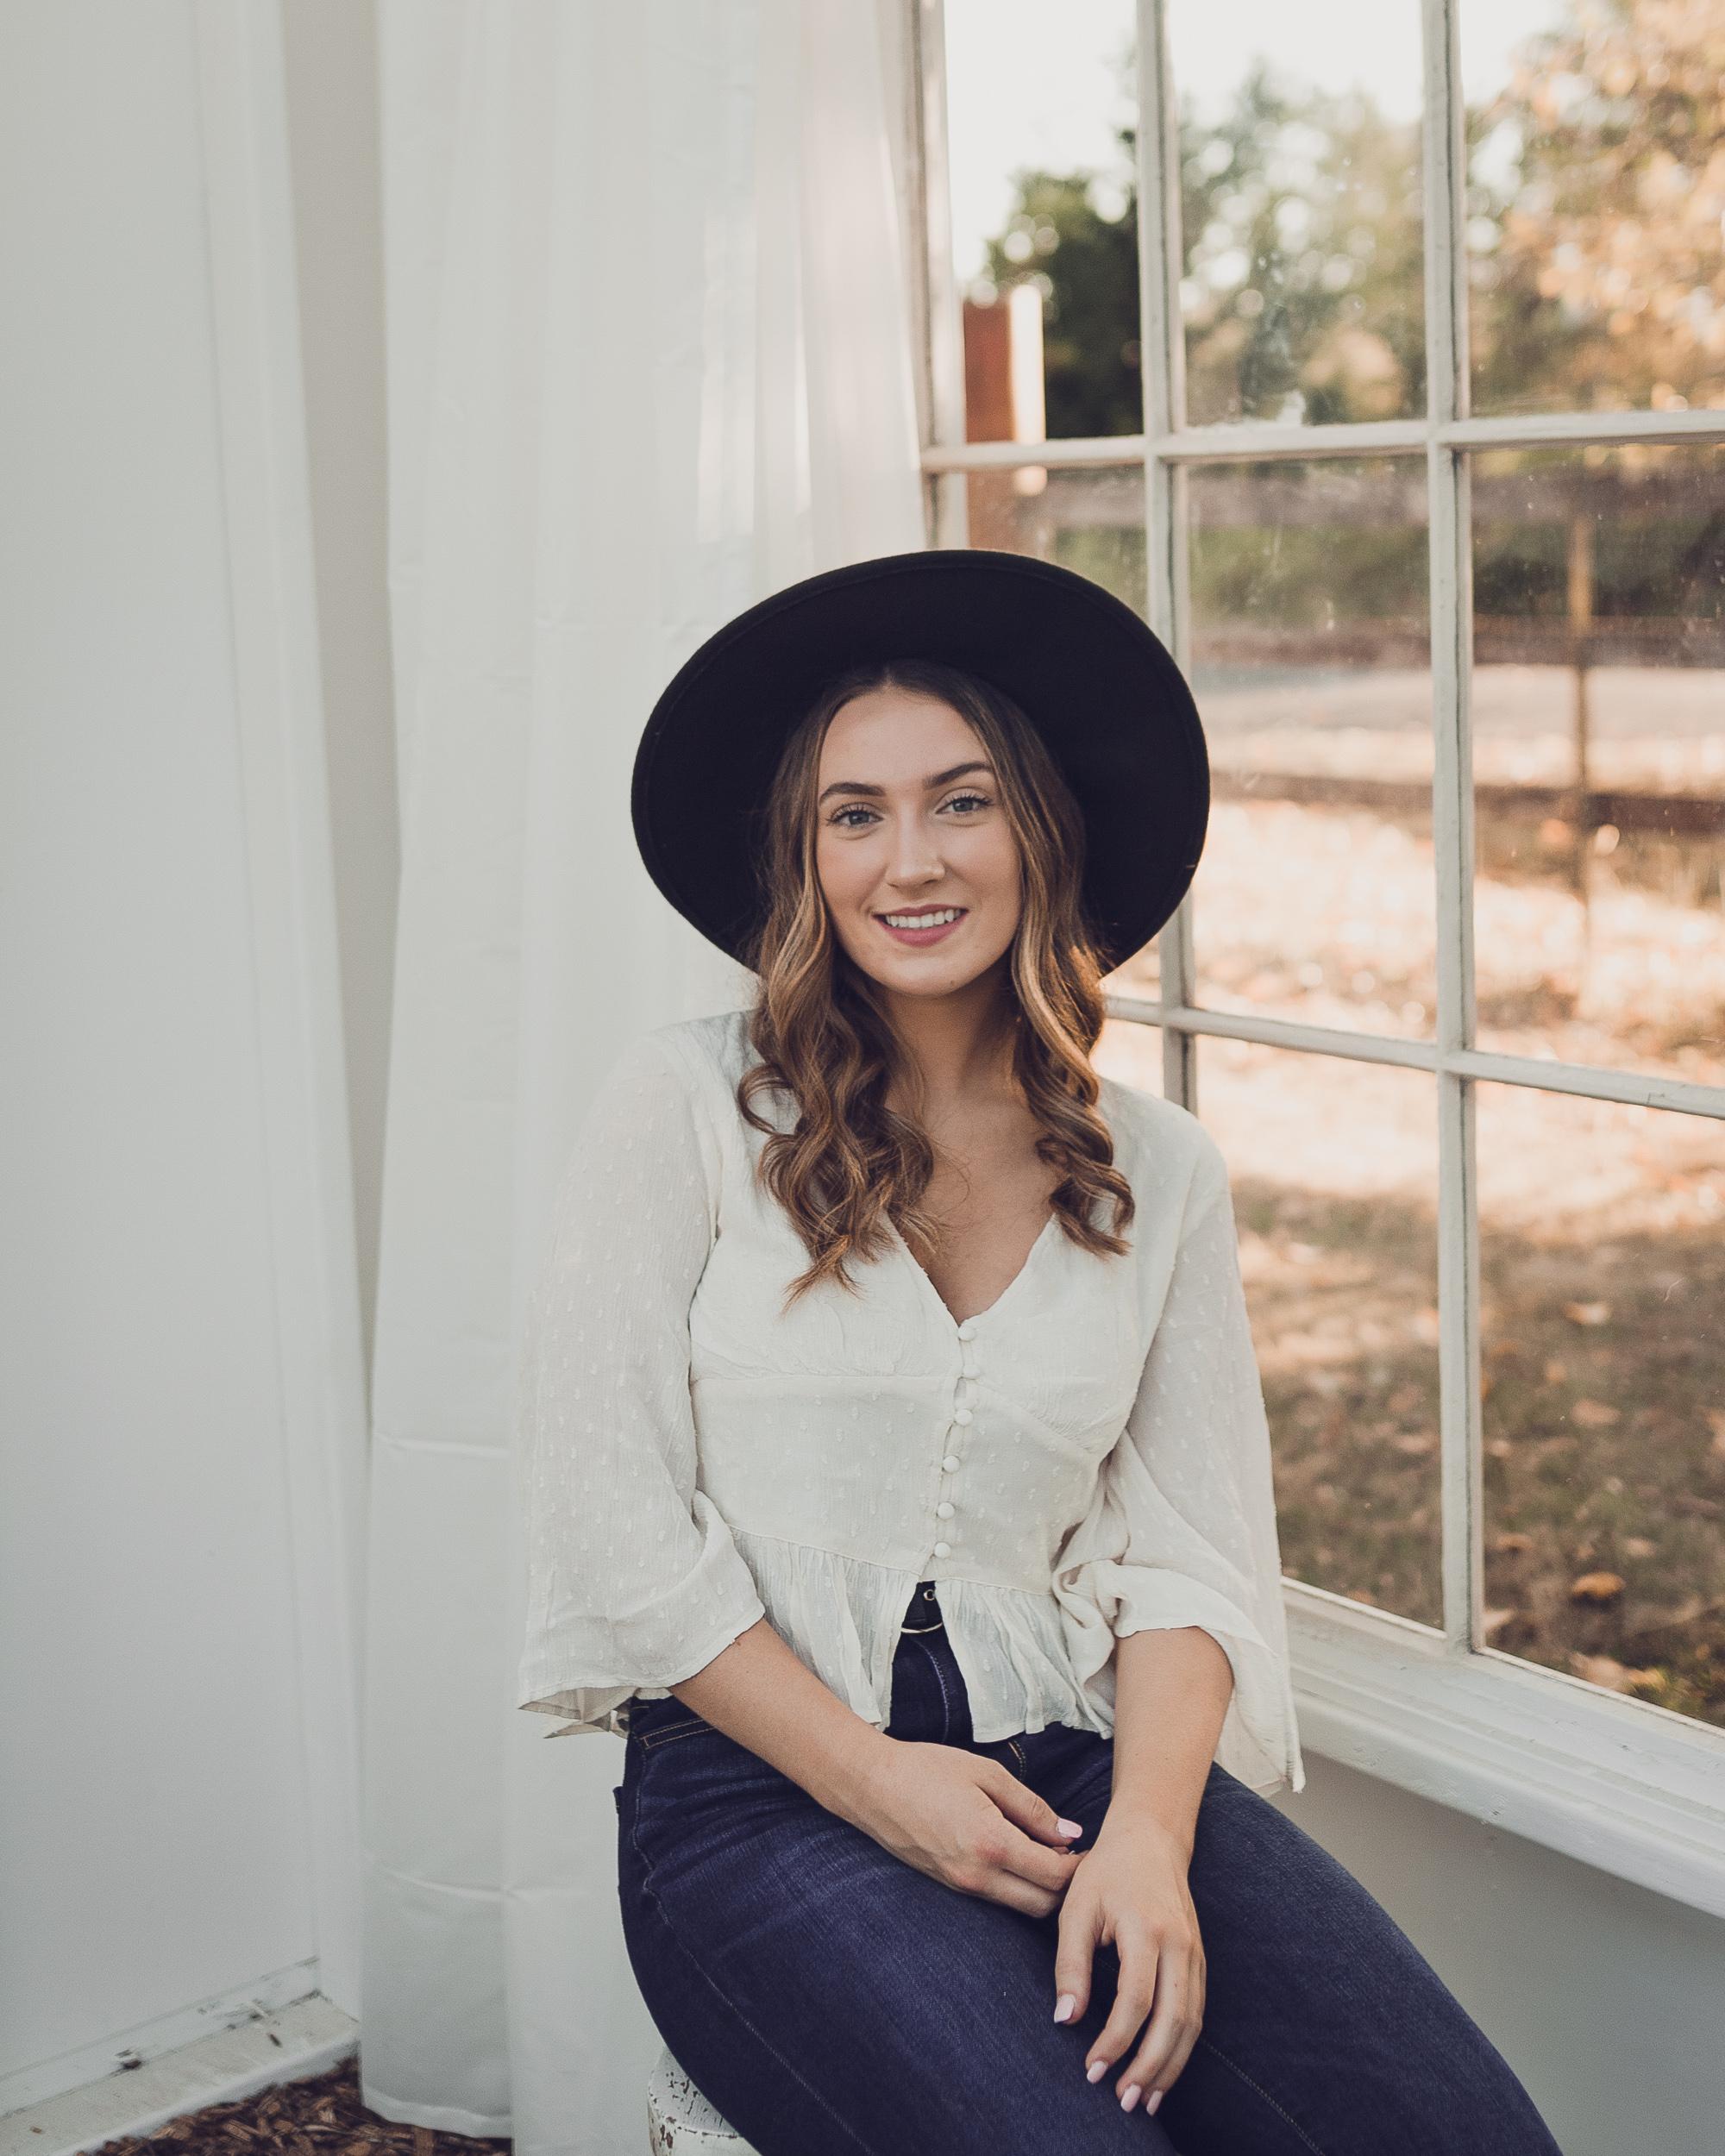 Seniorportraitsseattle-20.jpg